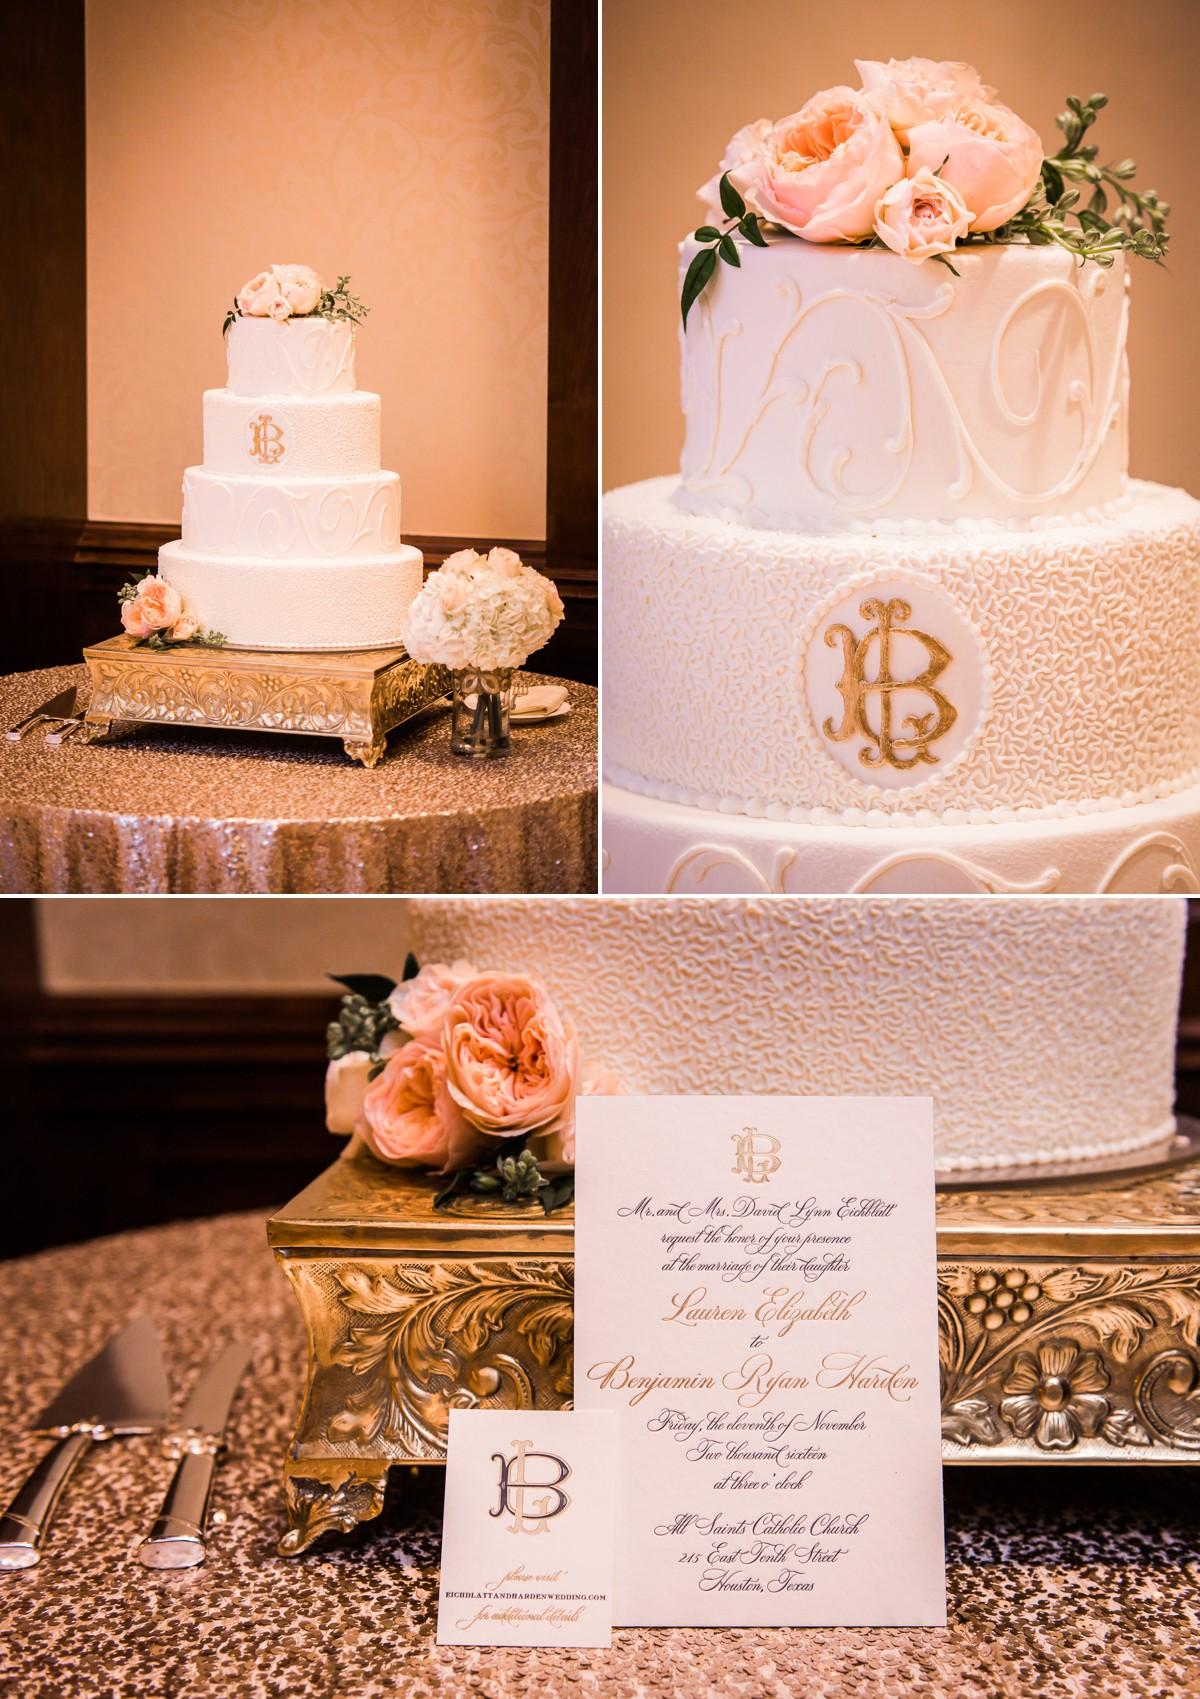 Lauren & Ben Wedding Cake & Card Photo